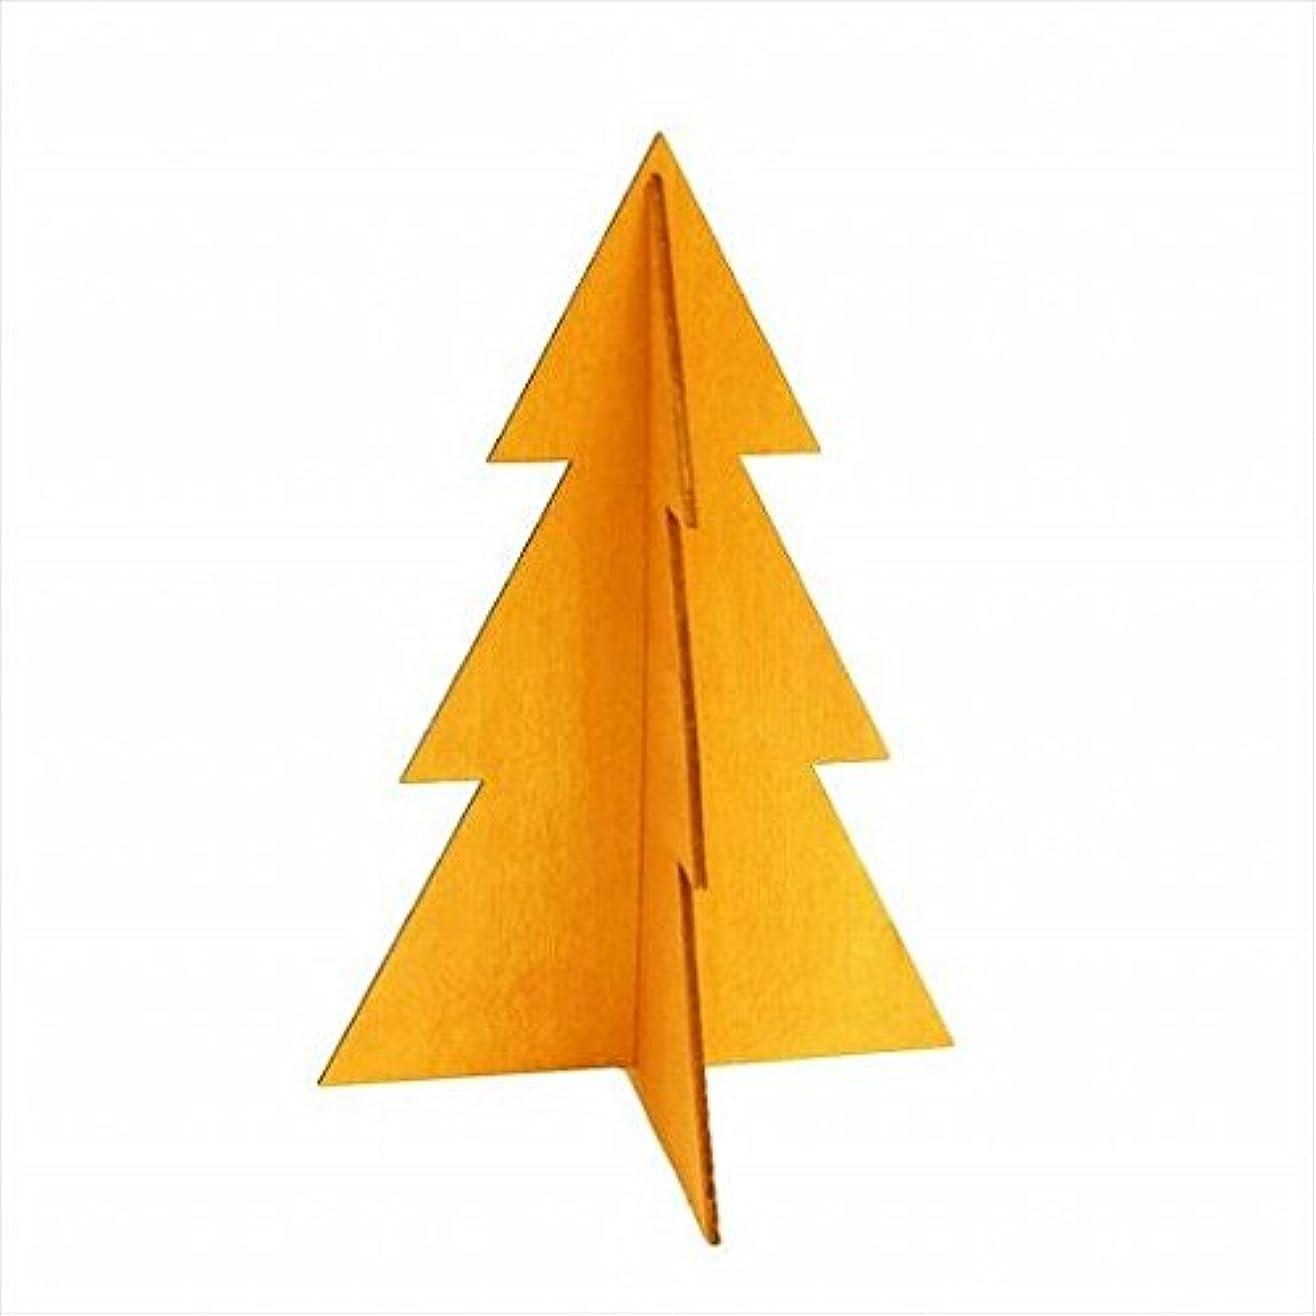 途方もない重さ可動式kameyama candle(カメヤマキャンドル) フェスティブツリーM 「 オレンジ 」 キャンドル 144x144x210mm (I882243009)